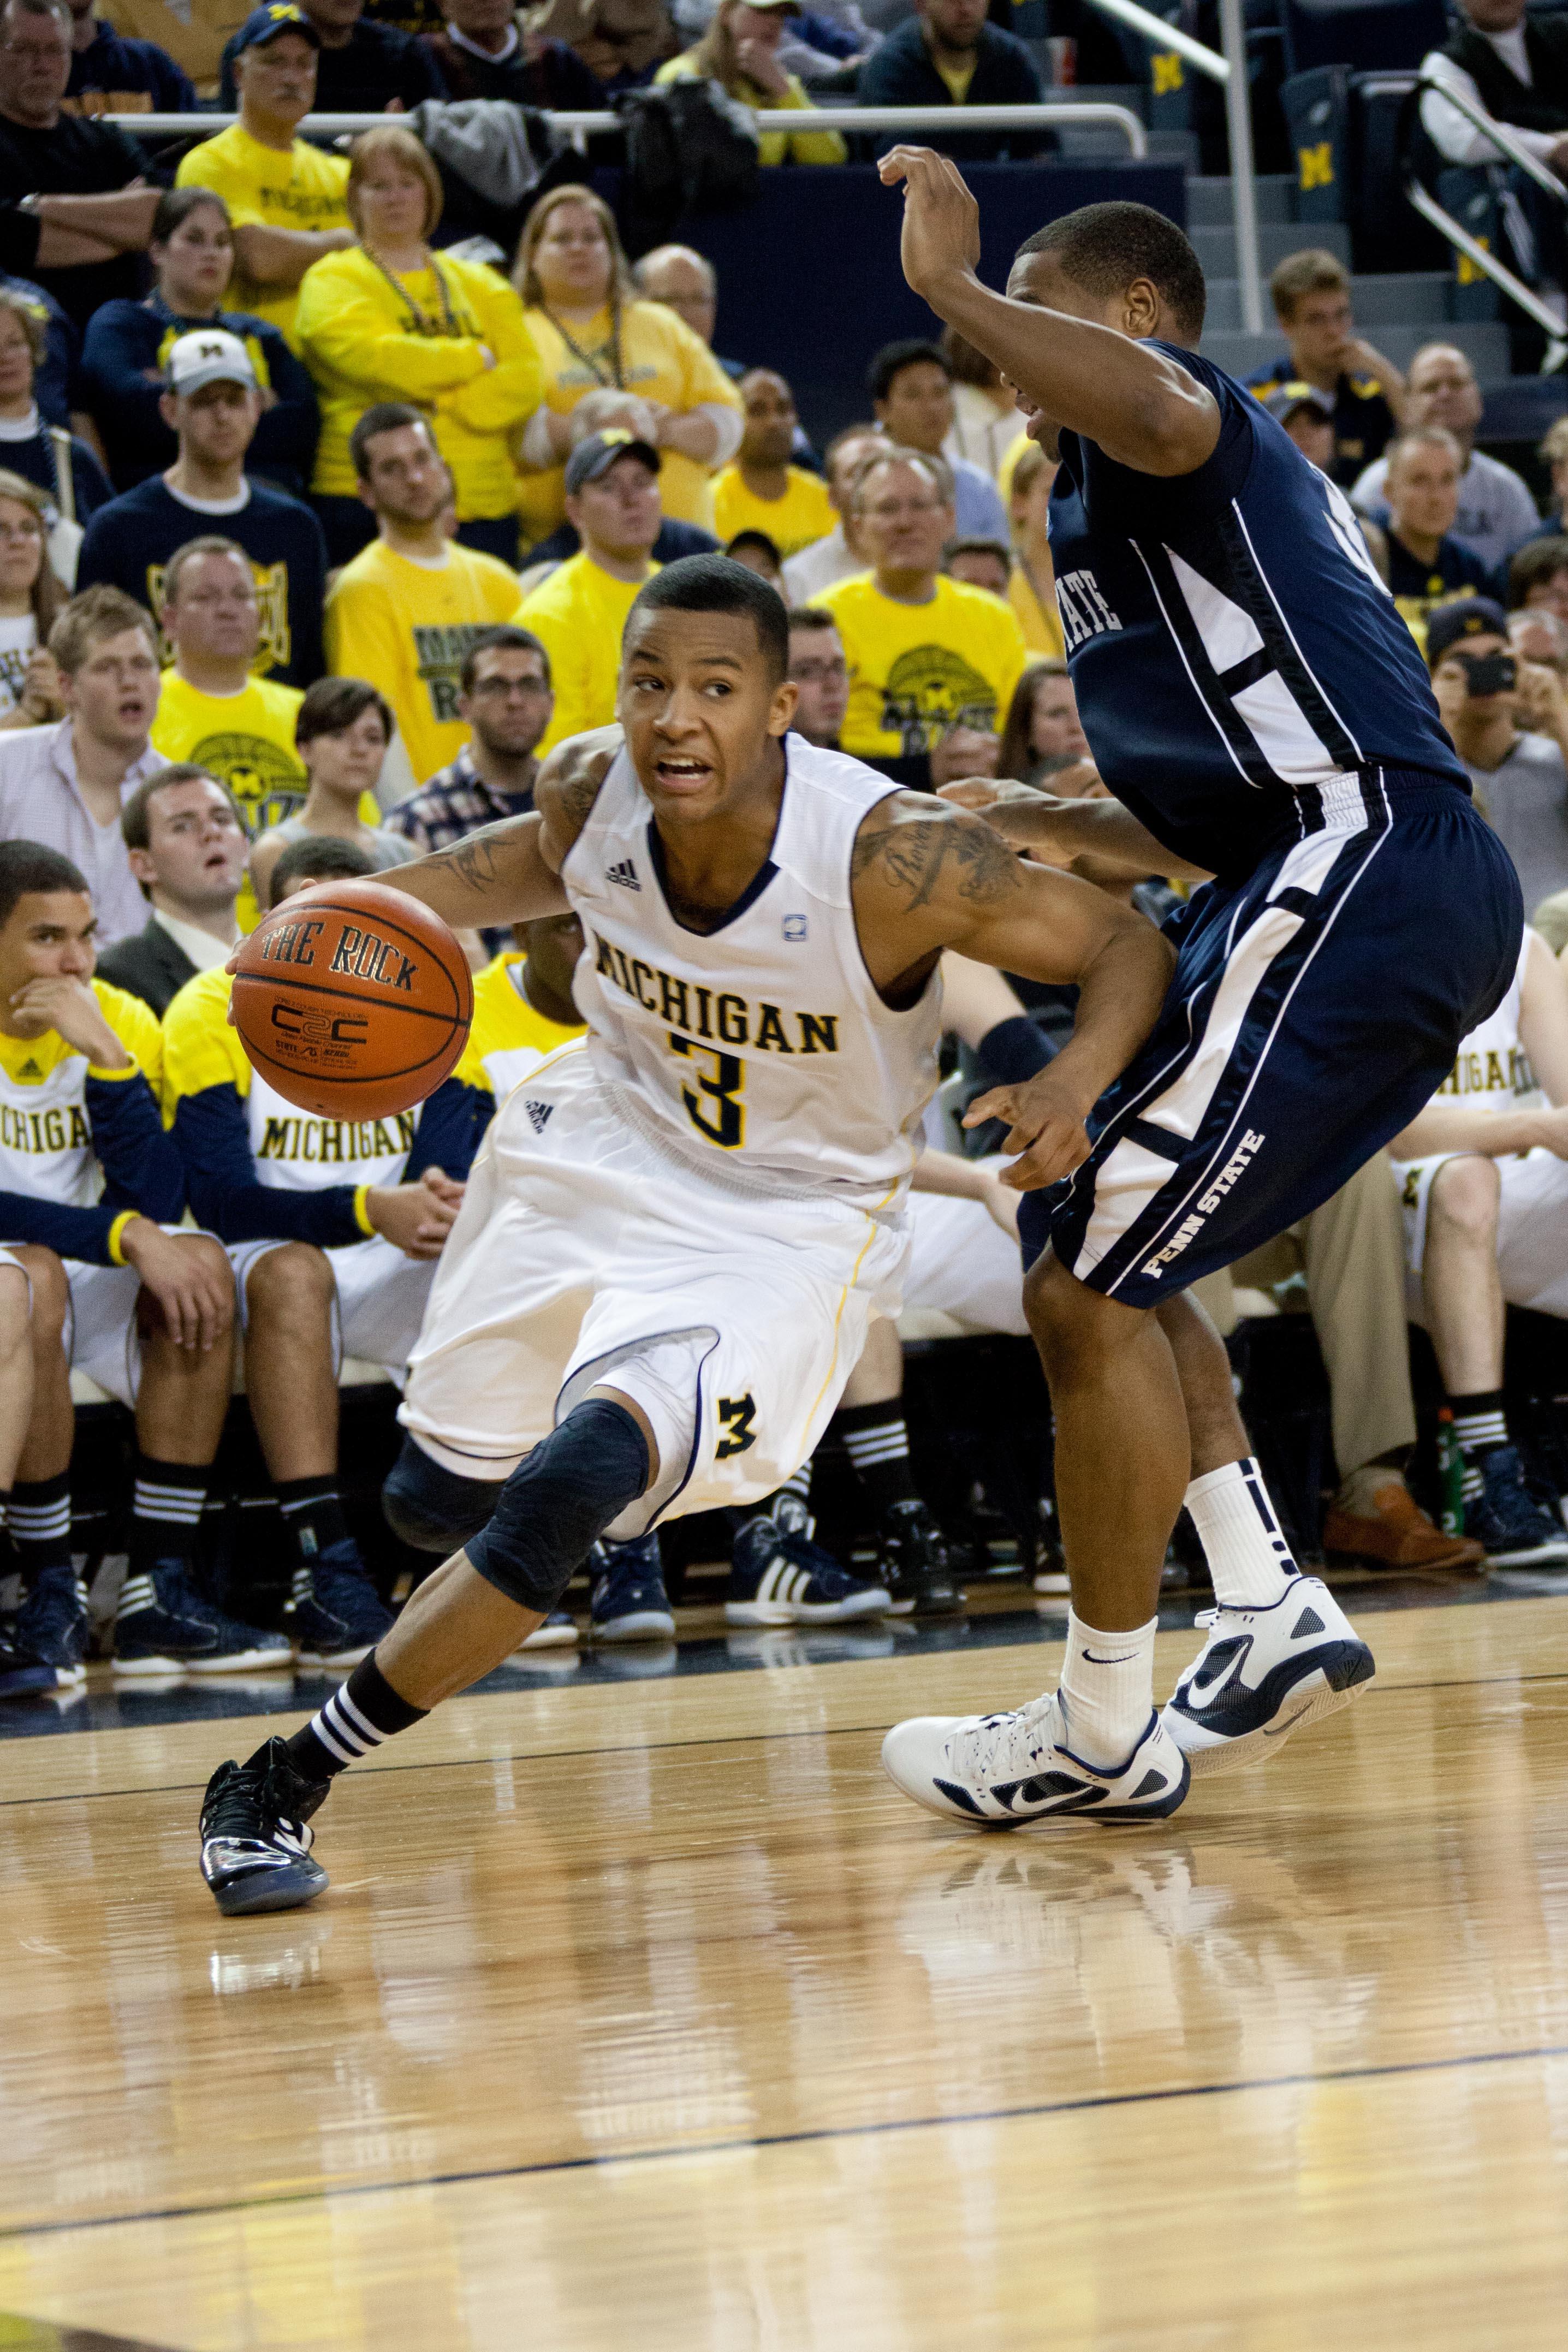 Penn State at Michigan 25